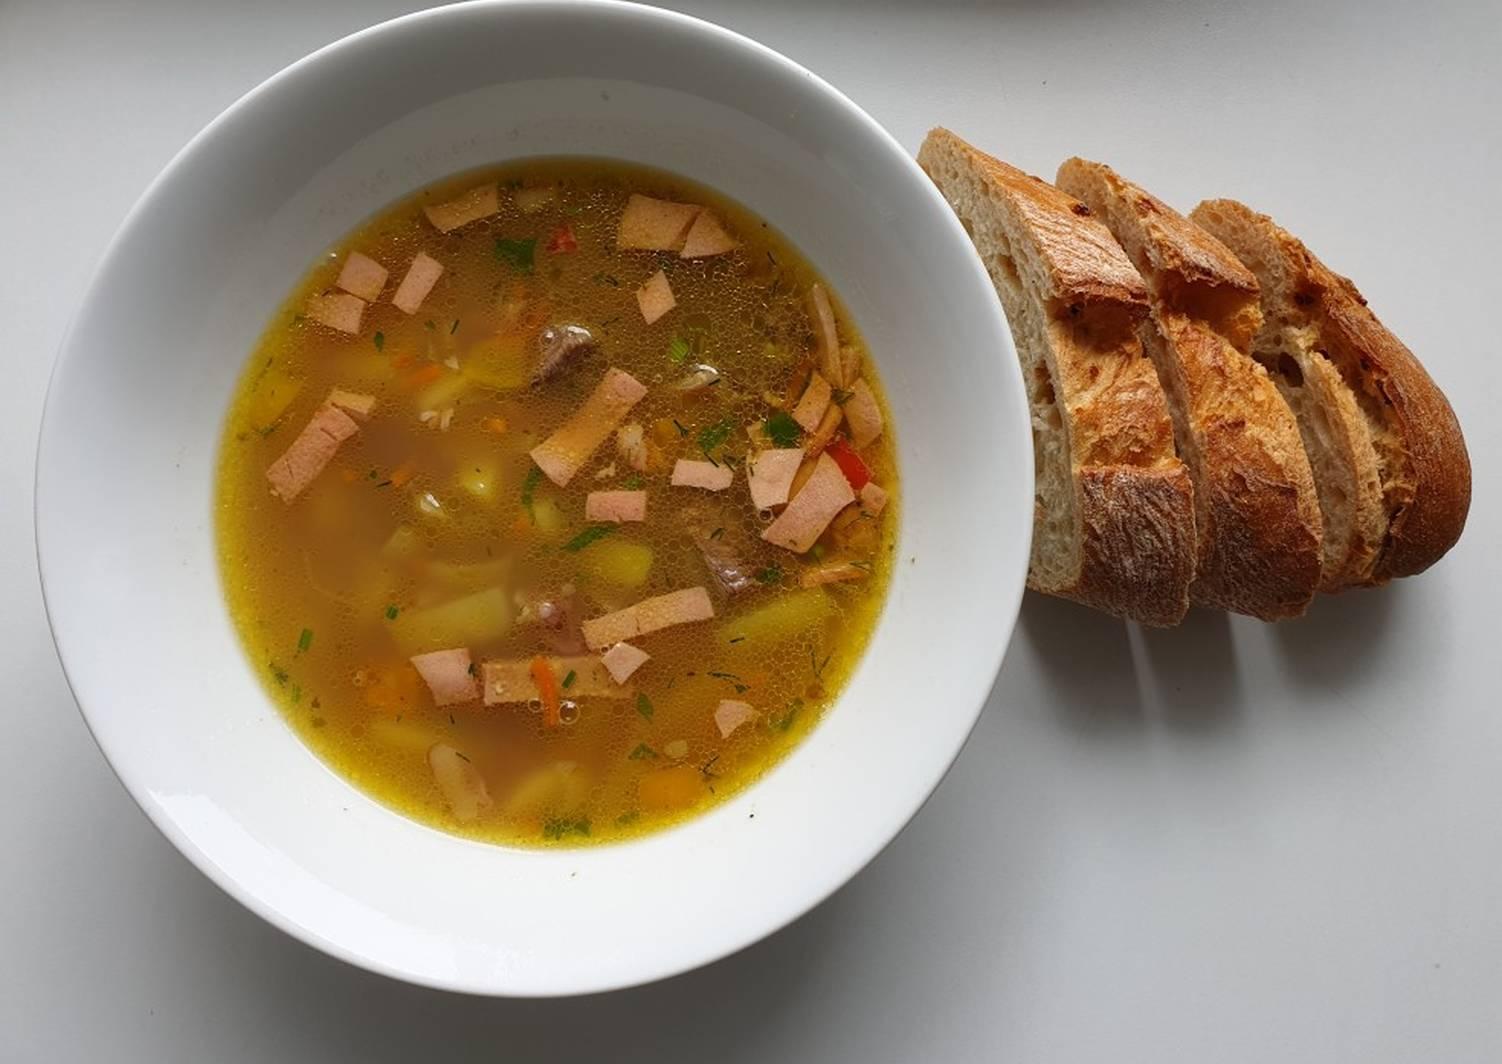 суп гороховый из супового набора фото йены, выпущенные